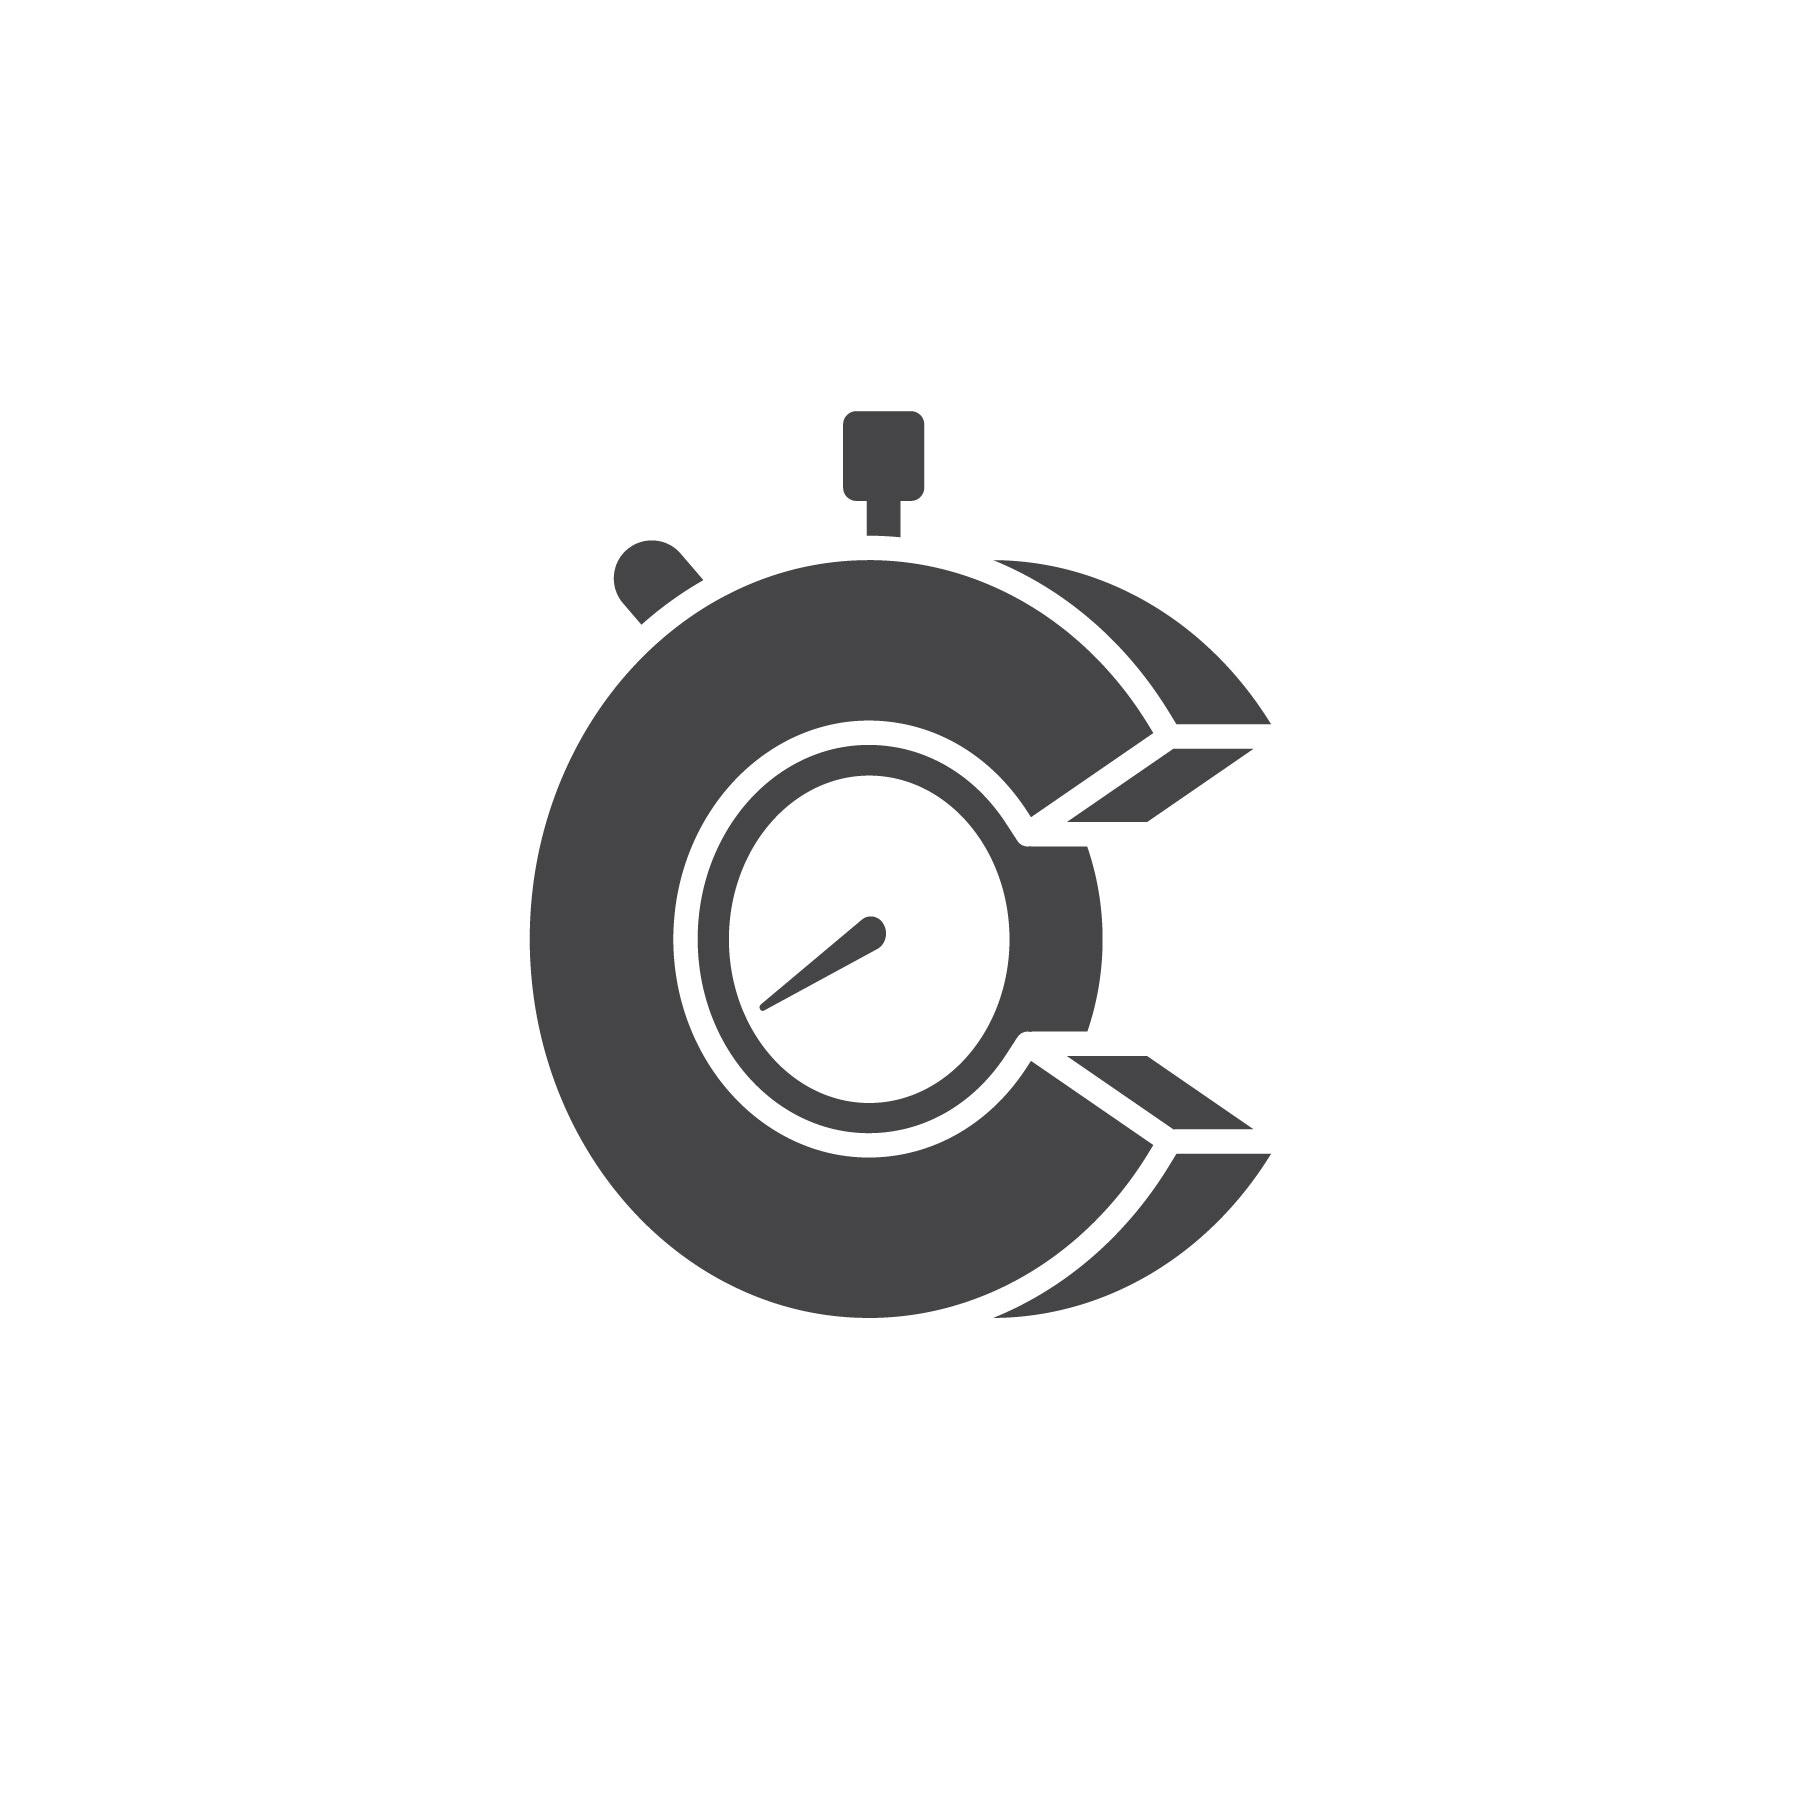 logo_countdown.jpg